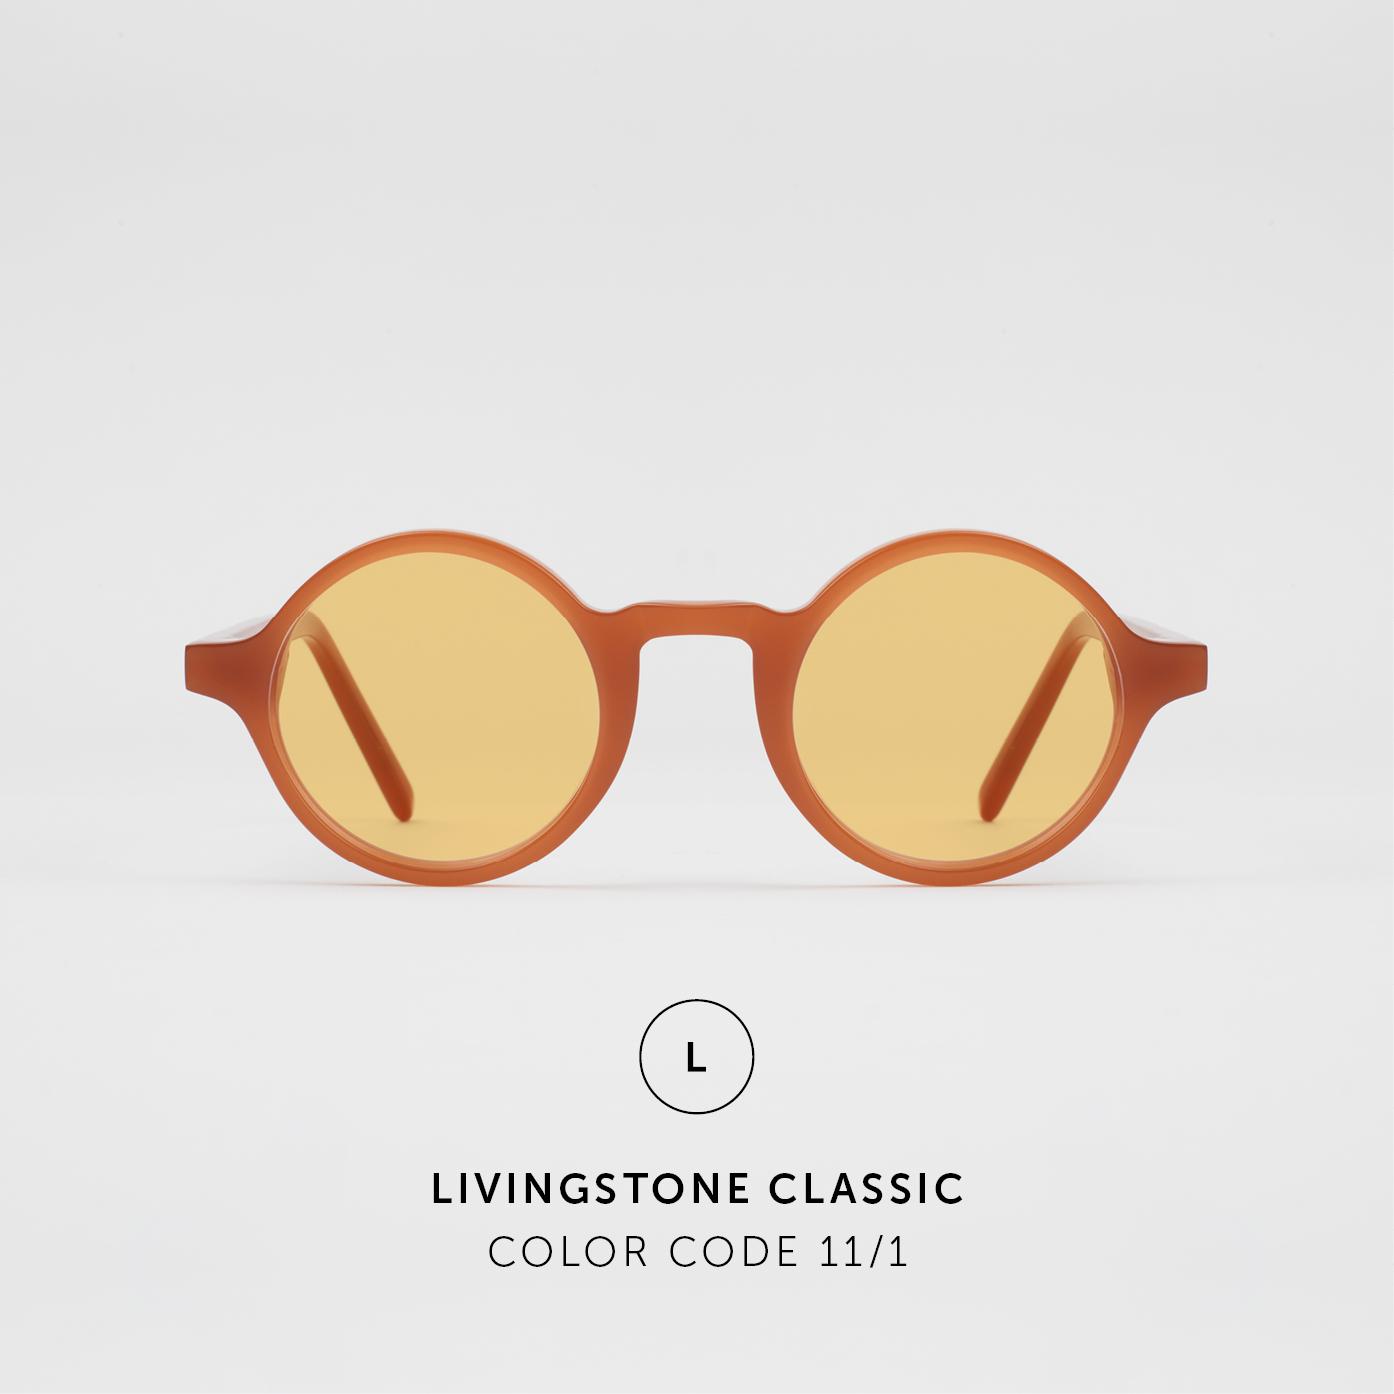 LivingstoneClassic52.jpg